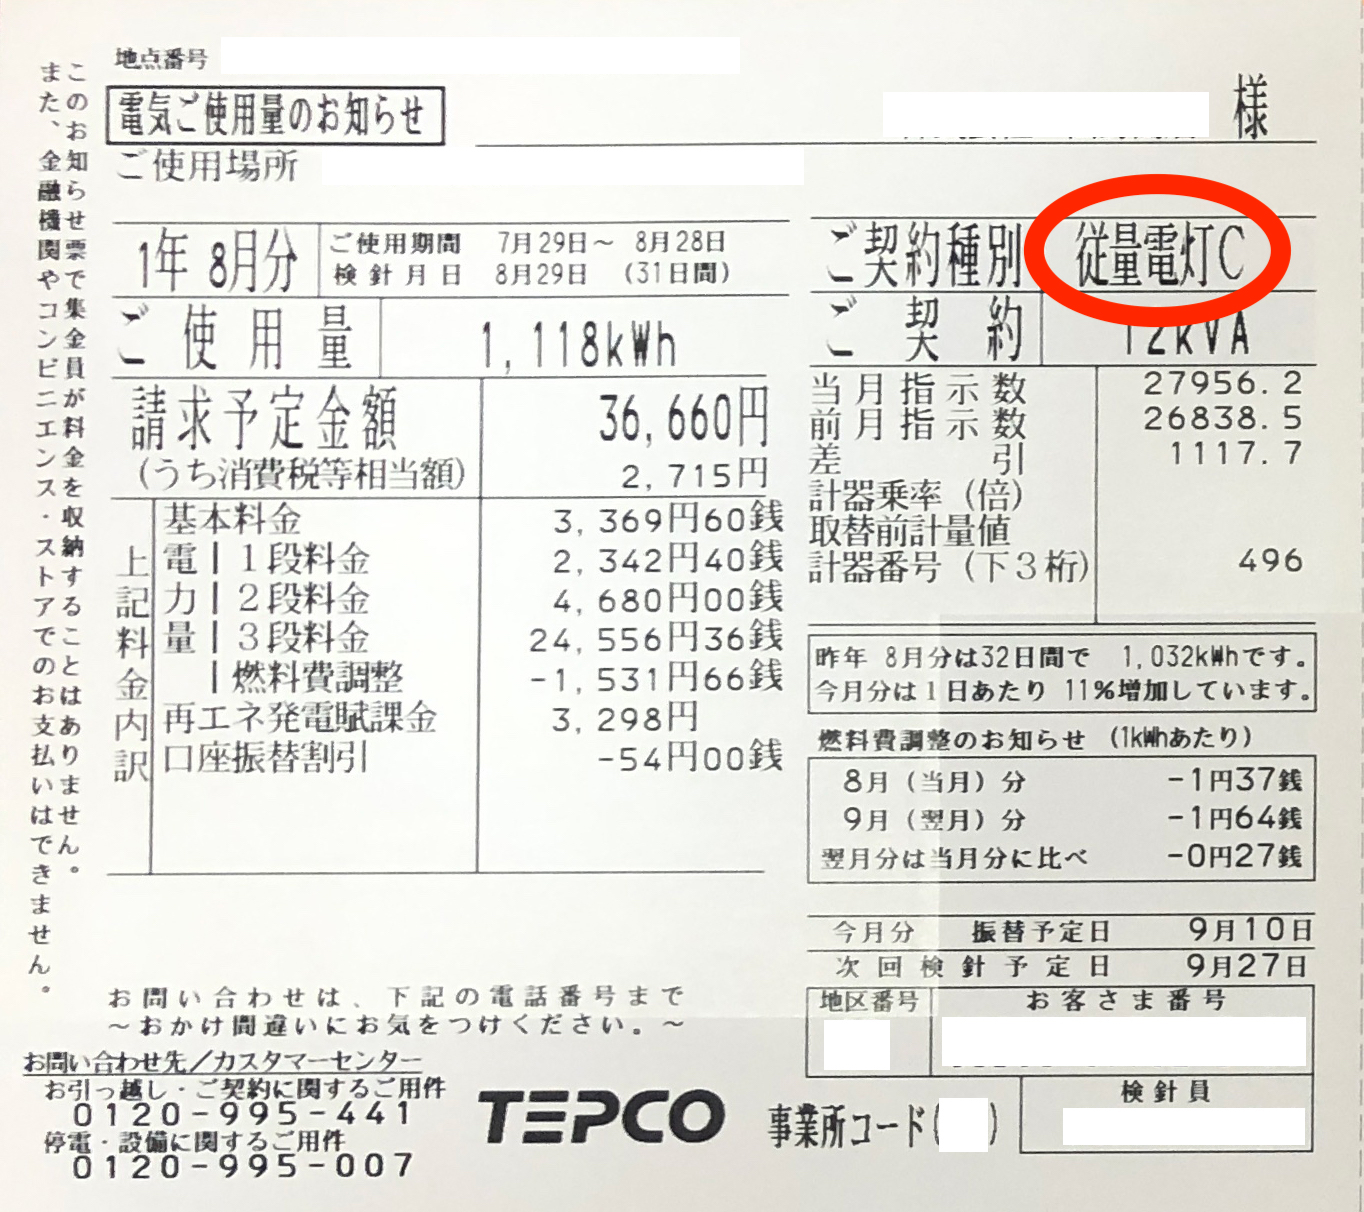 東京電力エナジーパートナー 従量電灯Cの料金についてじっくり知りたい!